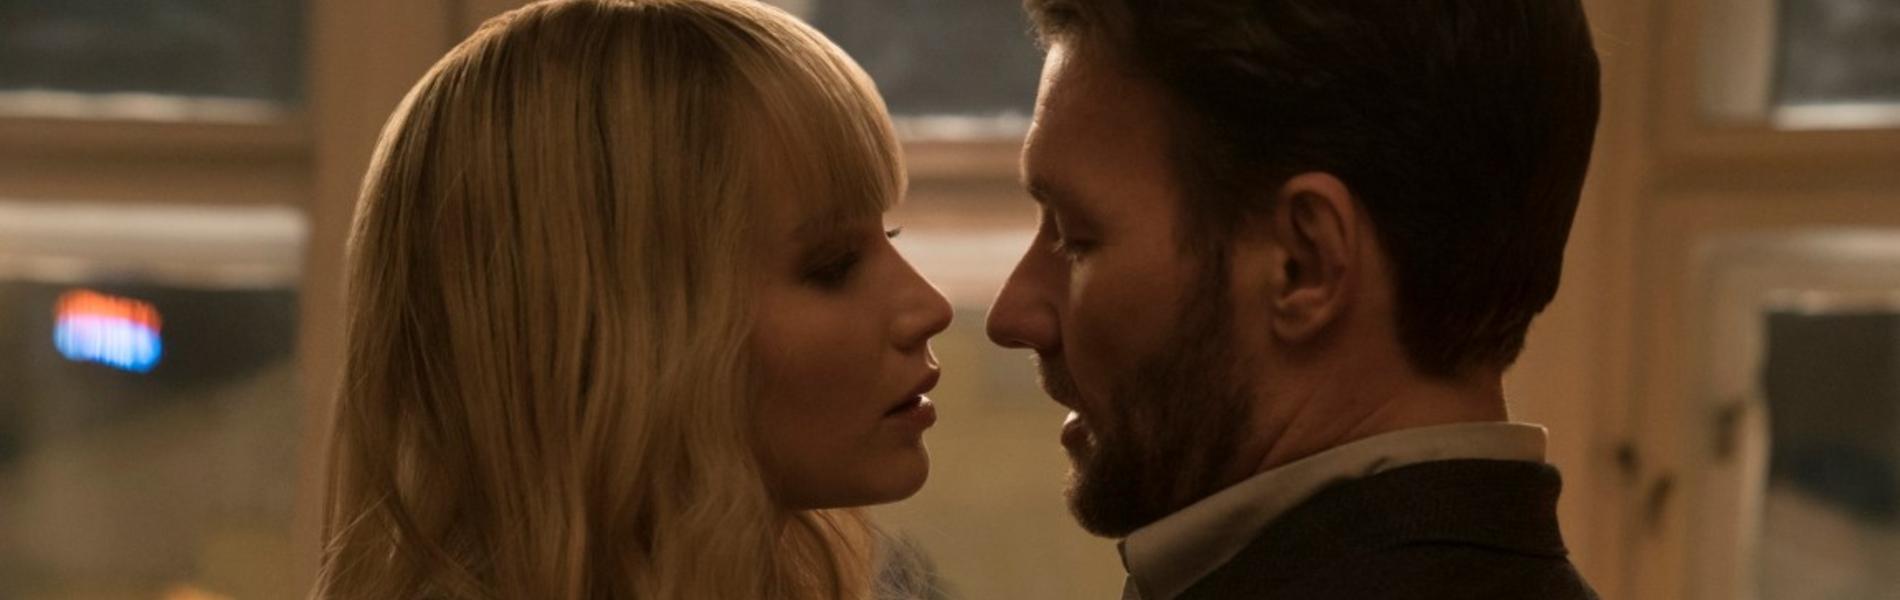 דרור אדום: לא הסרט שג'ניפר לורנס תהיה גאה בו